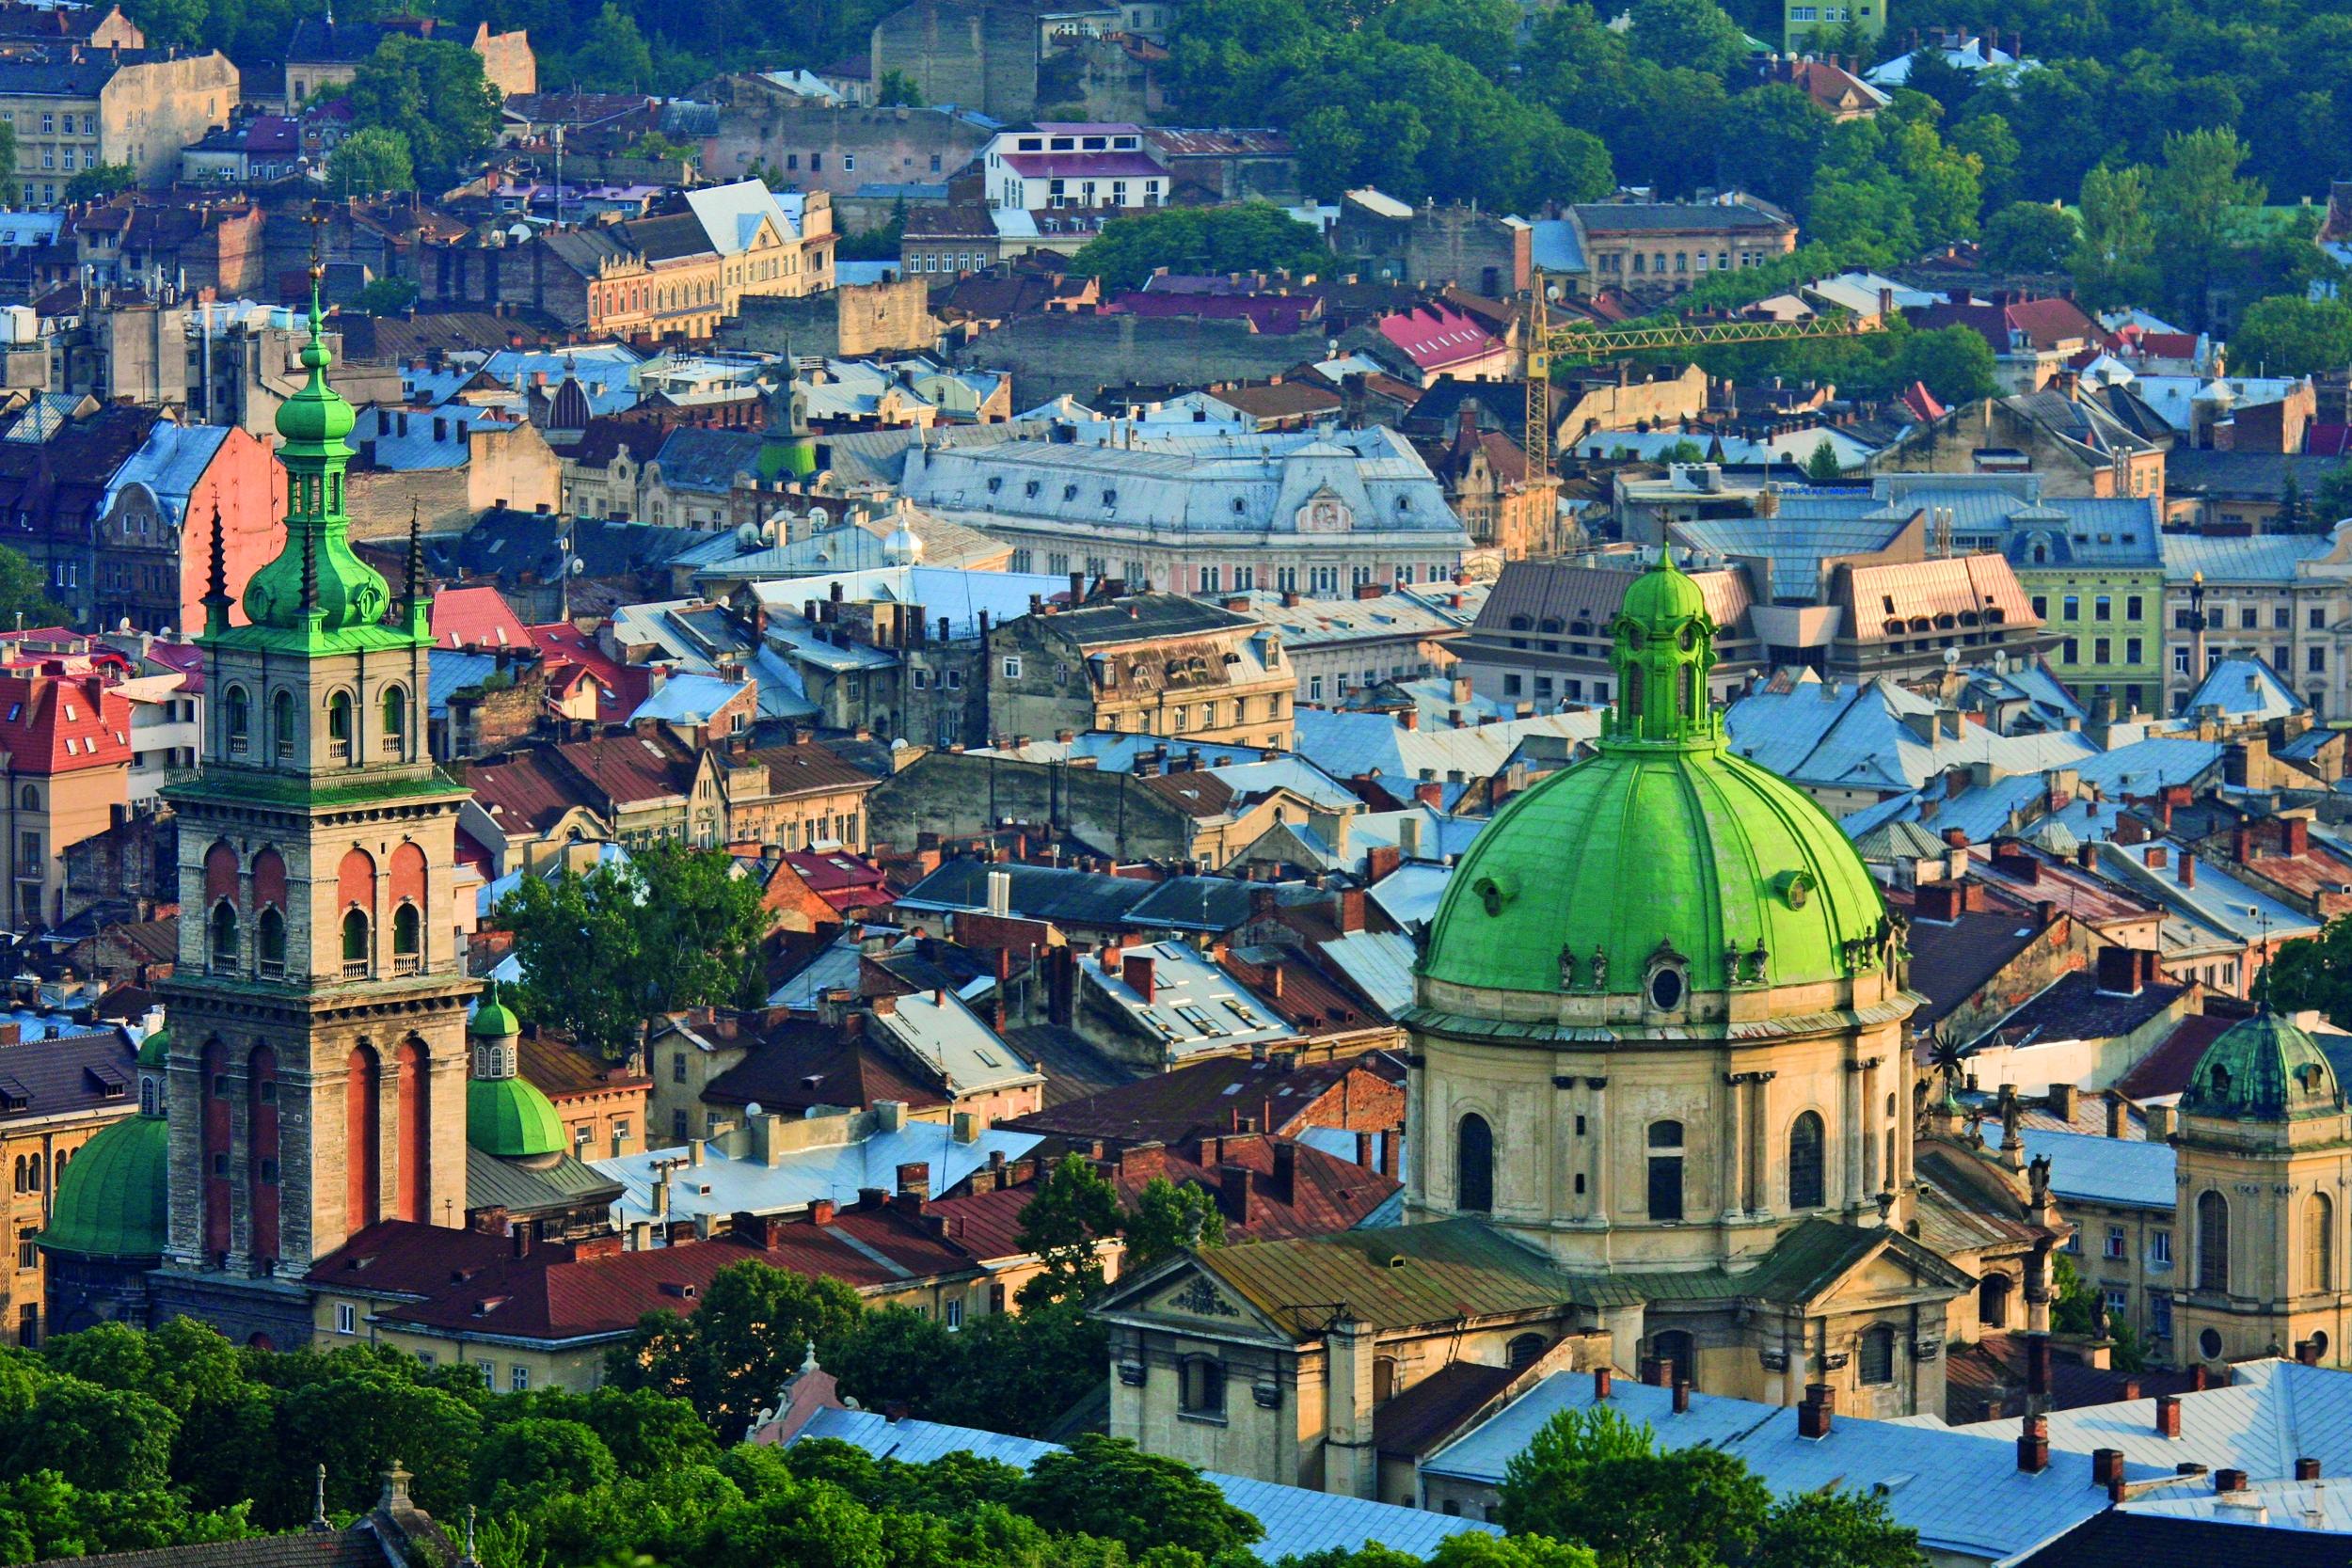 Europa_Ukraine_Lwiw_Destinationsbilder Lwiw_location_ 192 rechts Lwiw-13538